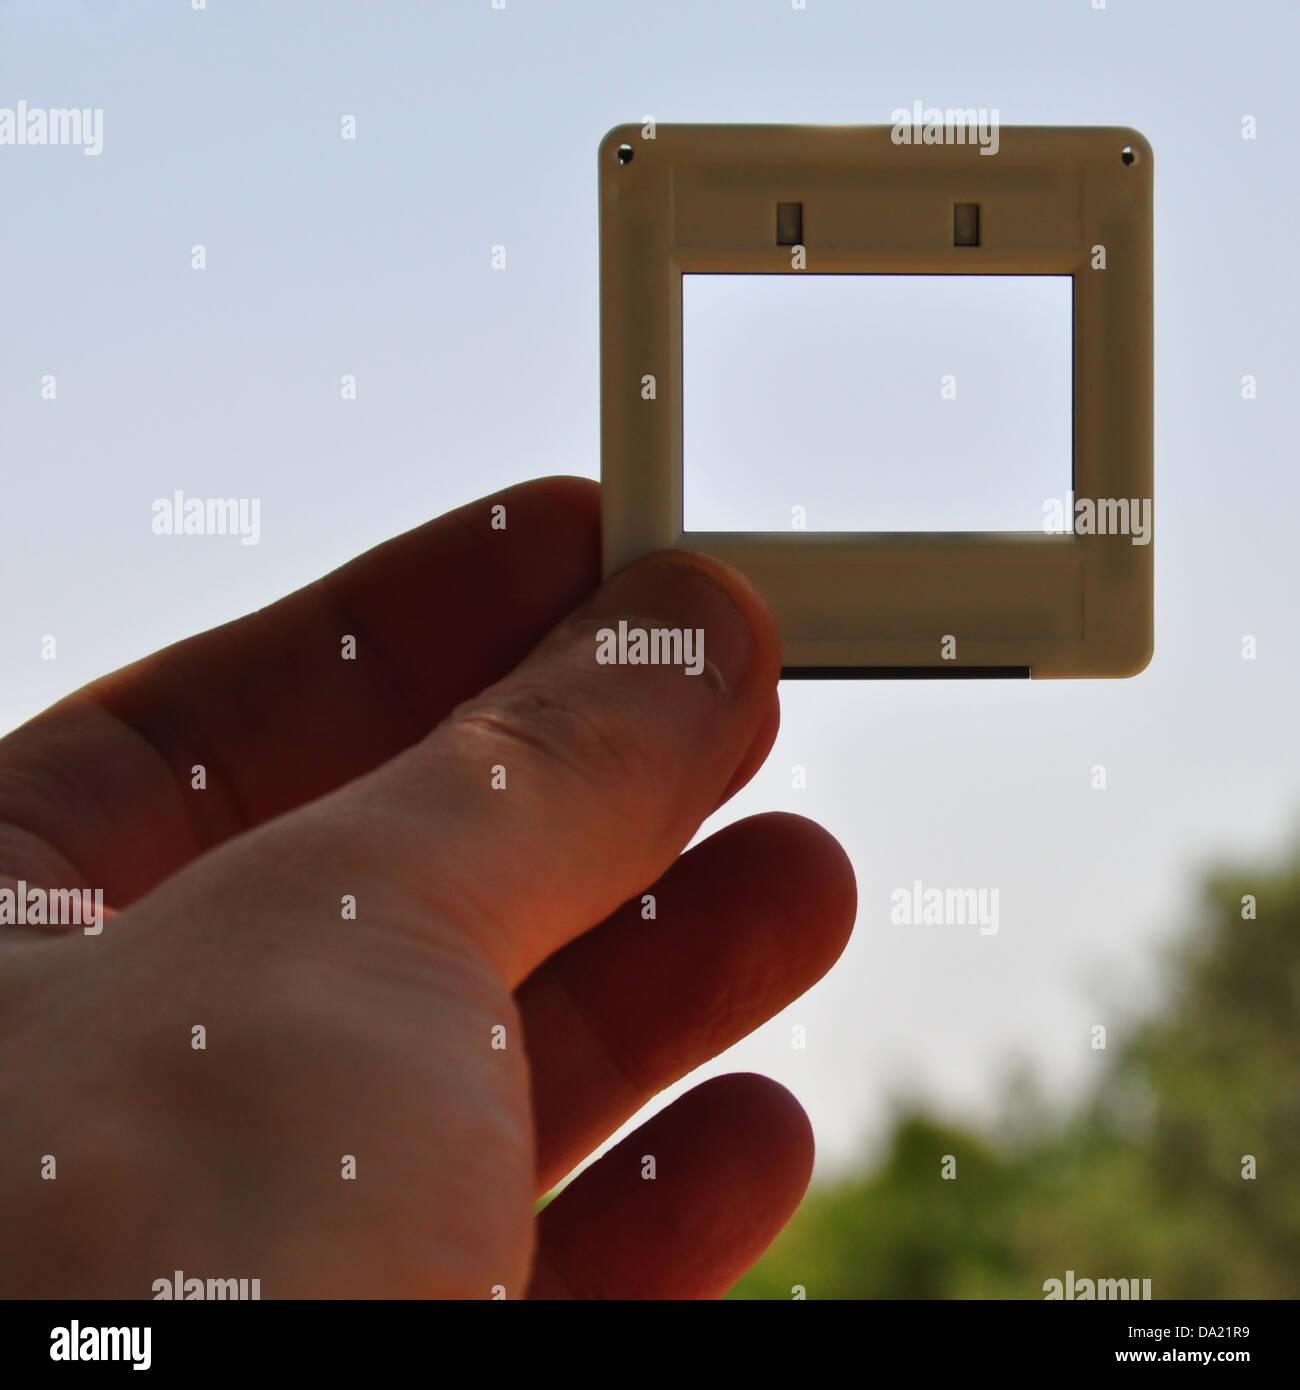 La main avec cadre photo diaporama photographique vierge. Placez votre propre image ou texte. Banque D'Images